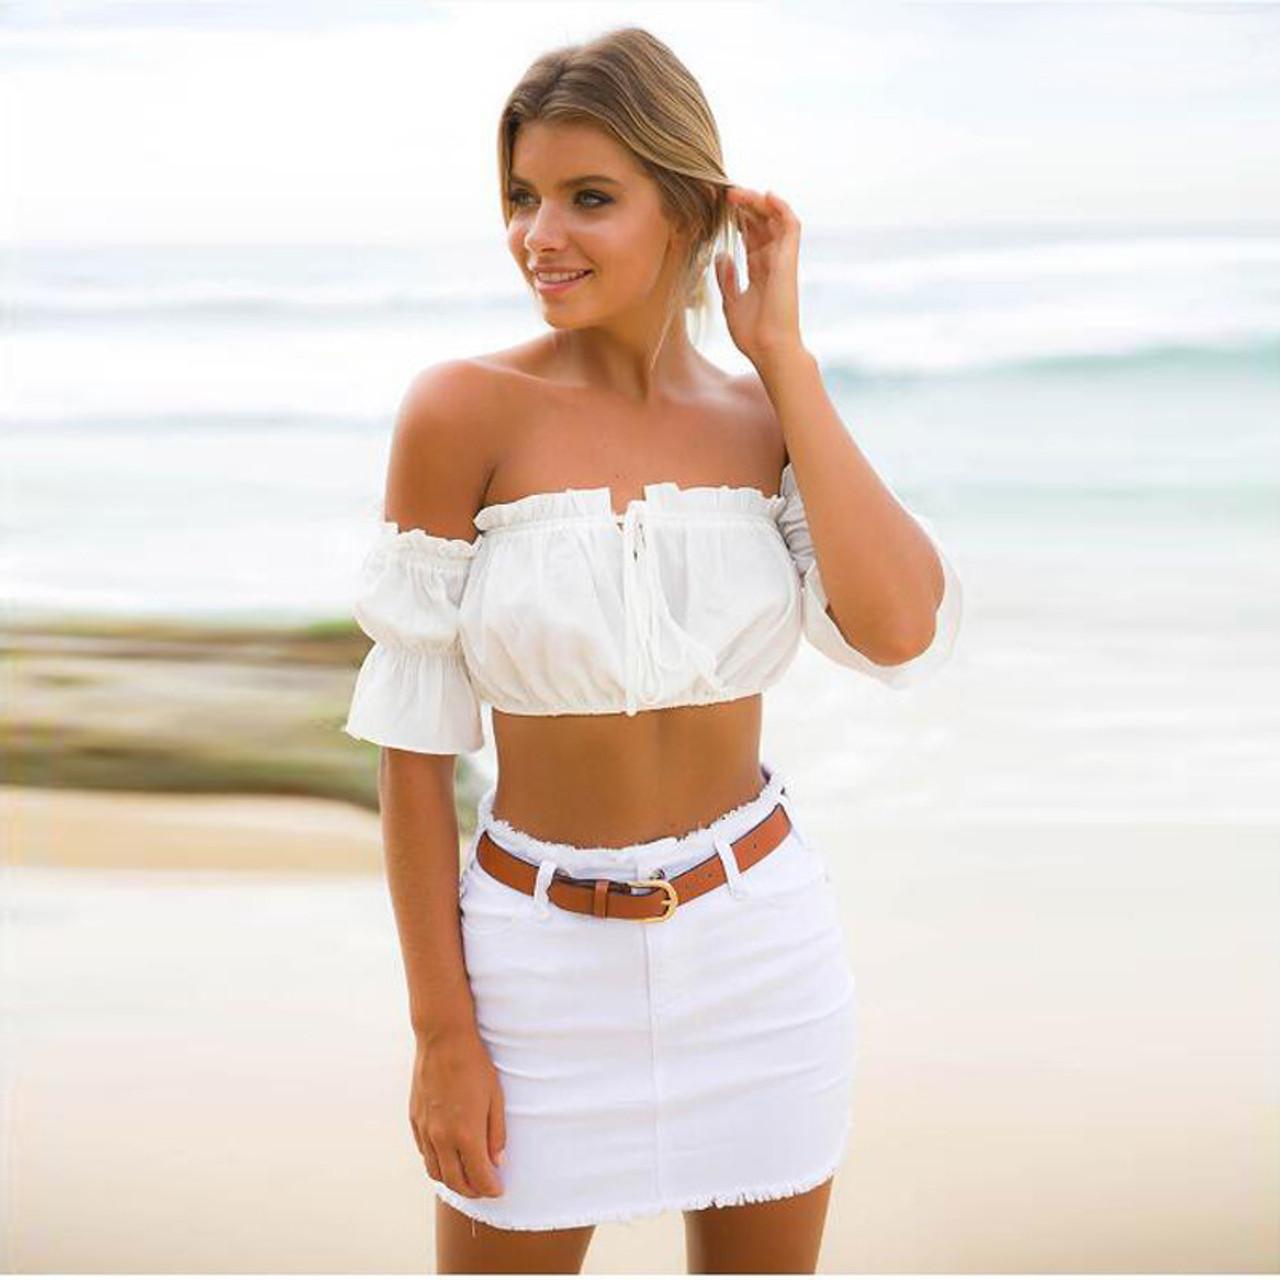 1d765b53bec Off Shoulder Ruffles Women T-Shirt Sexy Tunic Cropped Top Shirts Casual  Summer Tank Top Blusas Feminino Camisole (White)